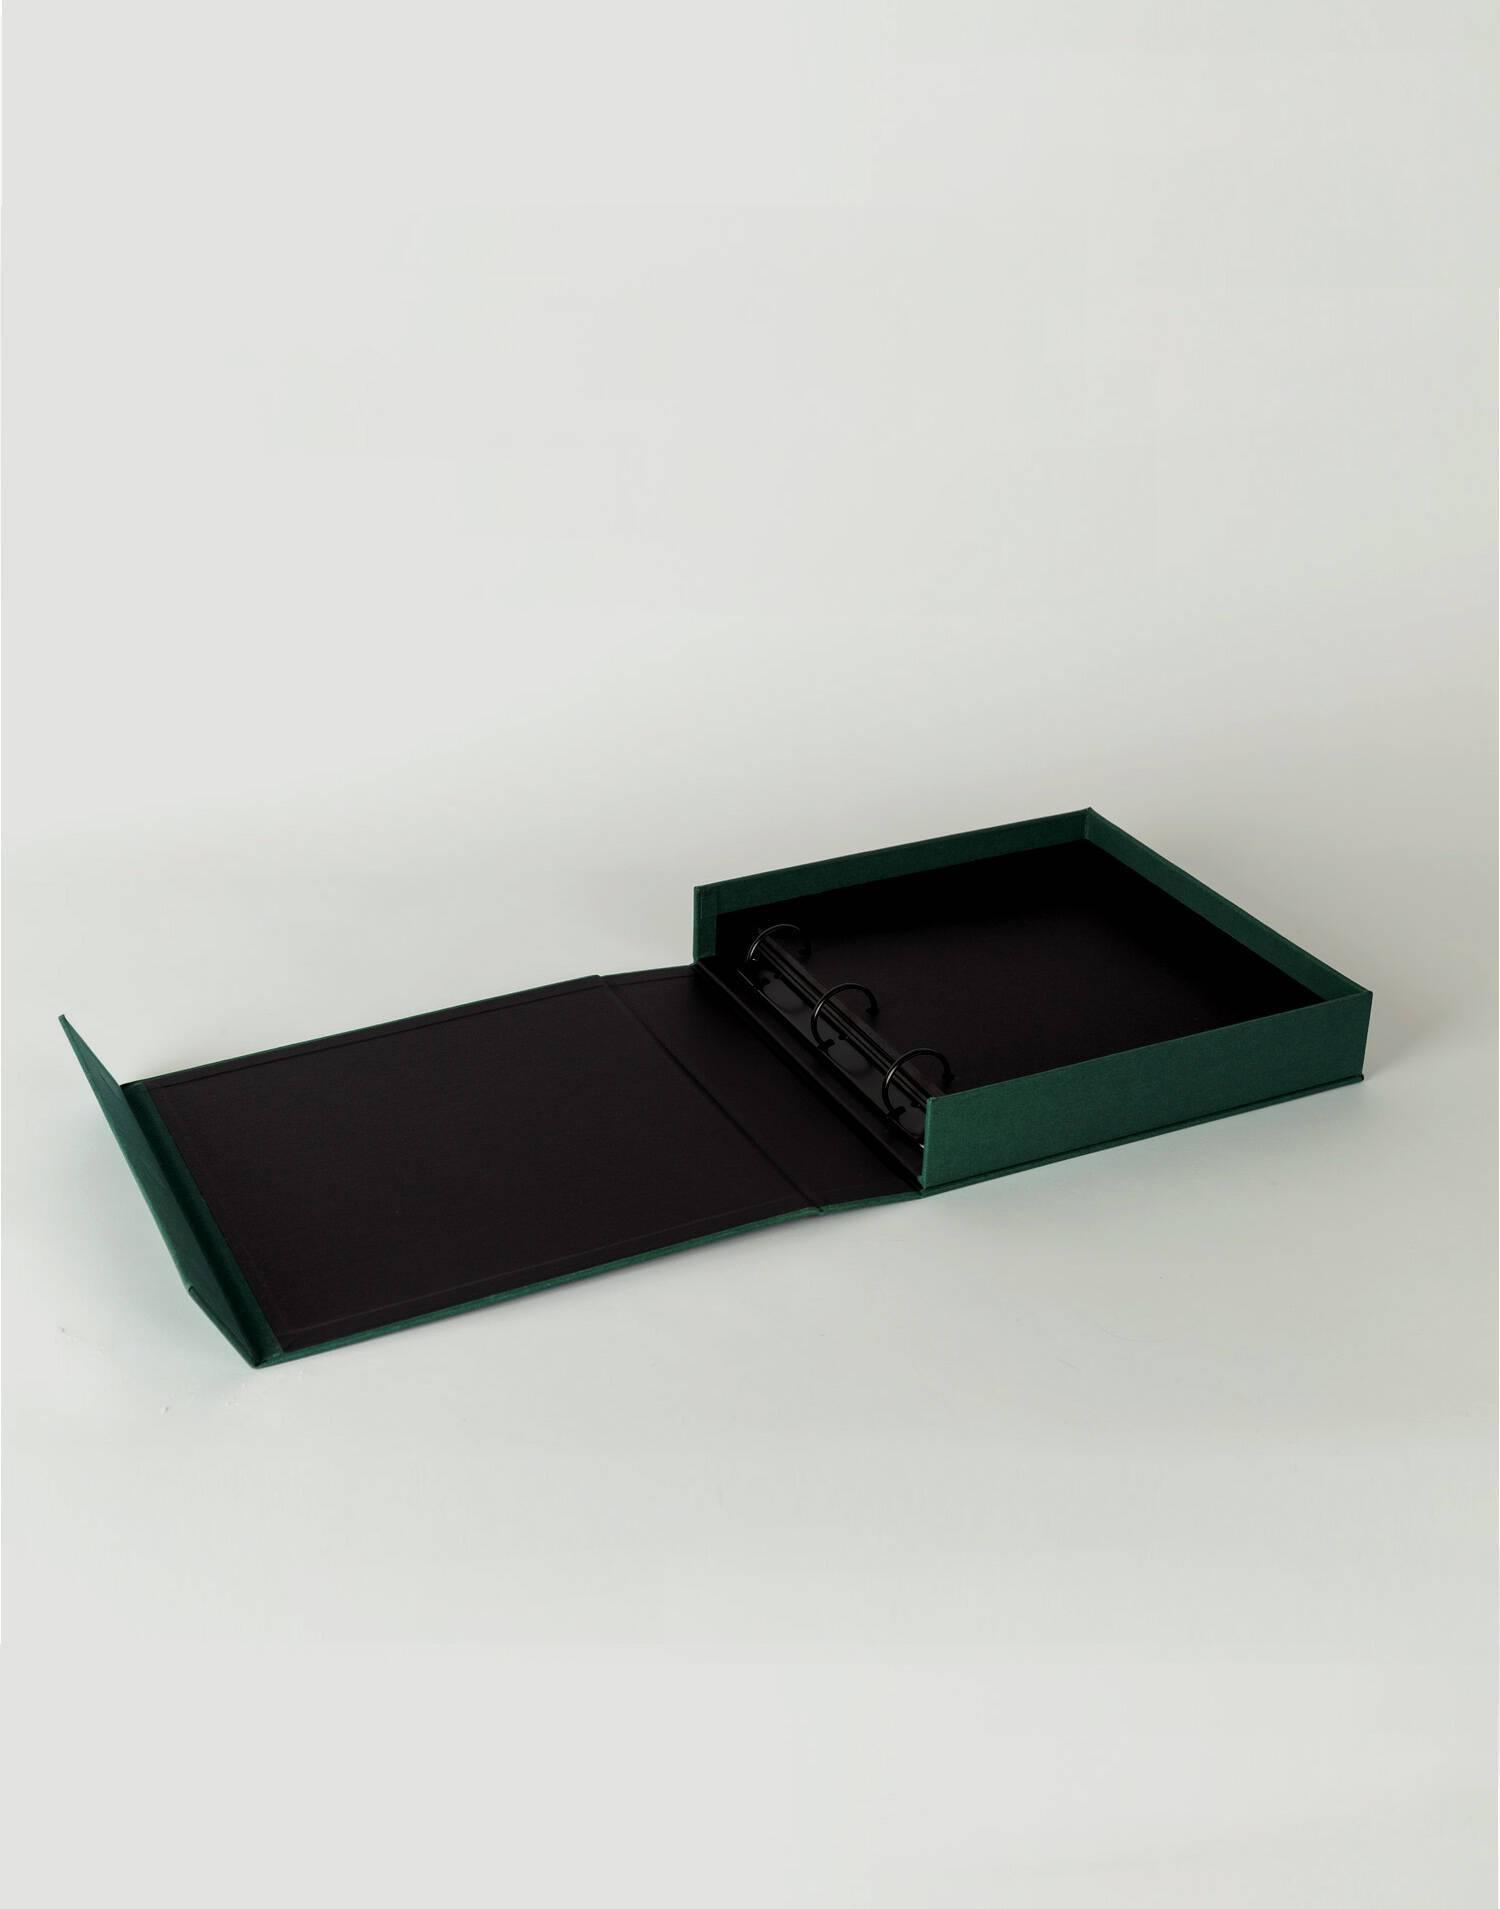 Photo album box